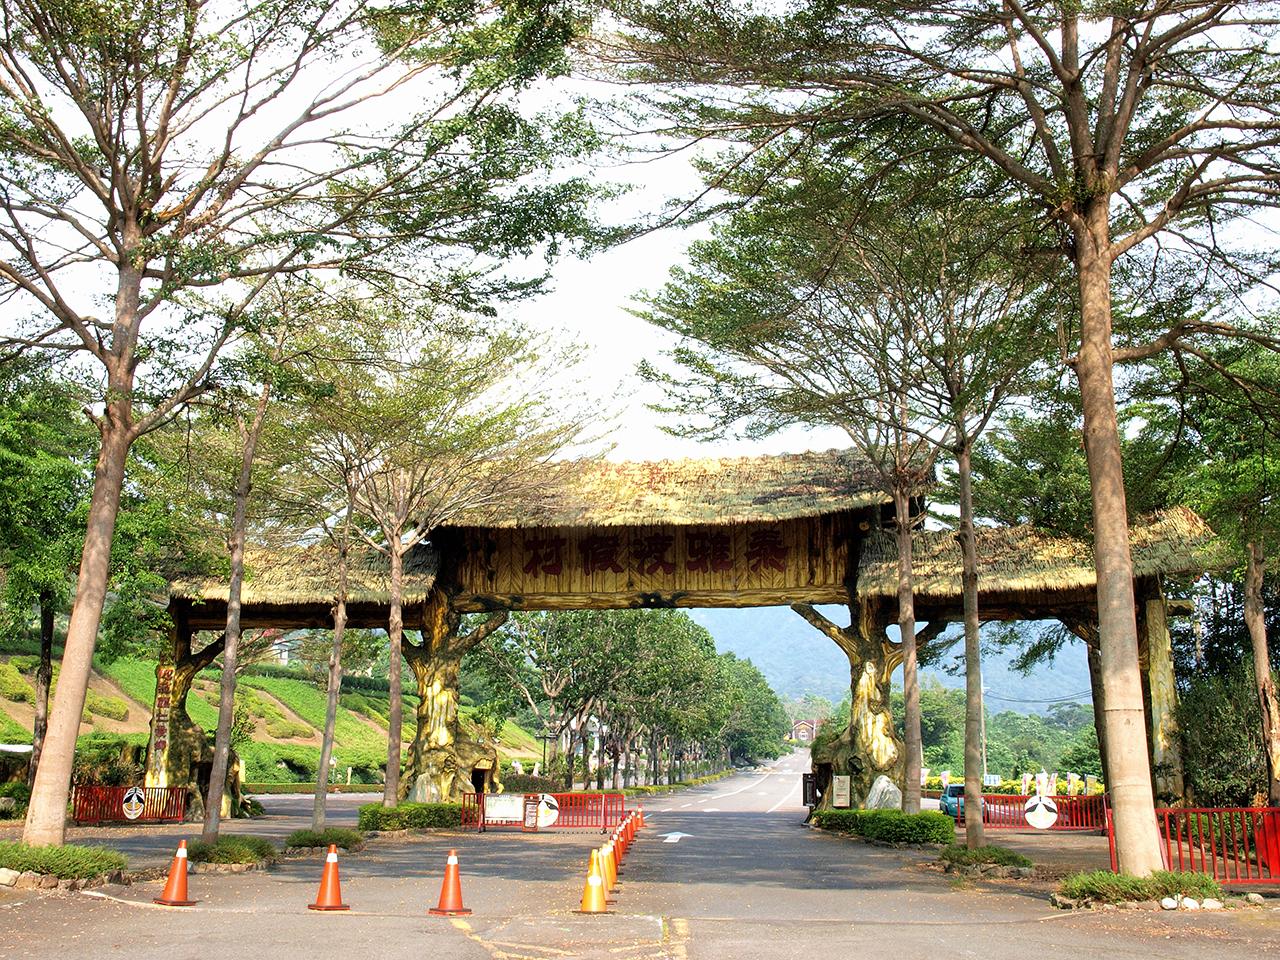 泰雅渡假村(タイヤルリゾートビレッジ)の入り口